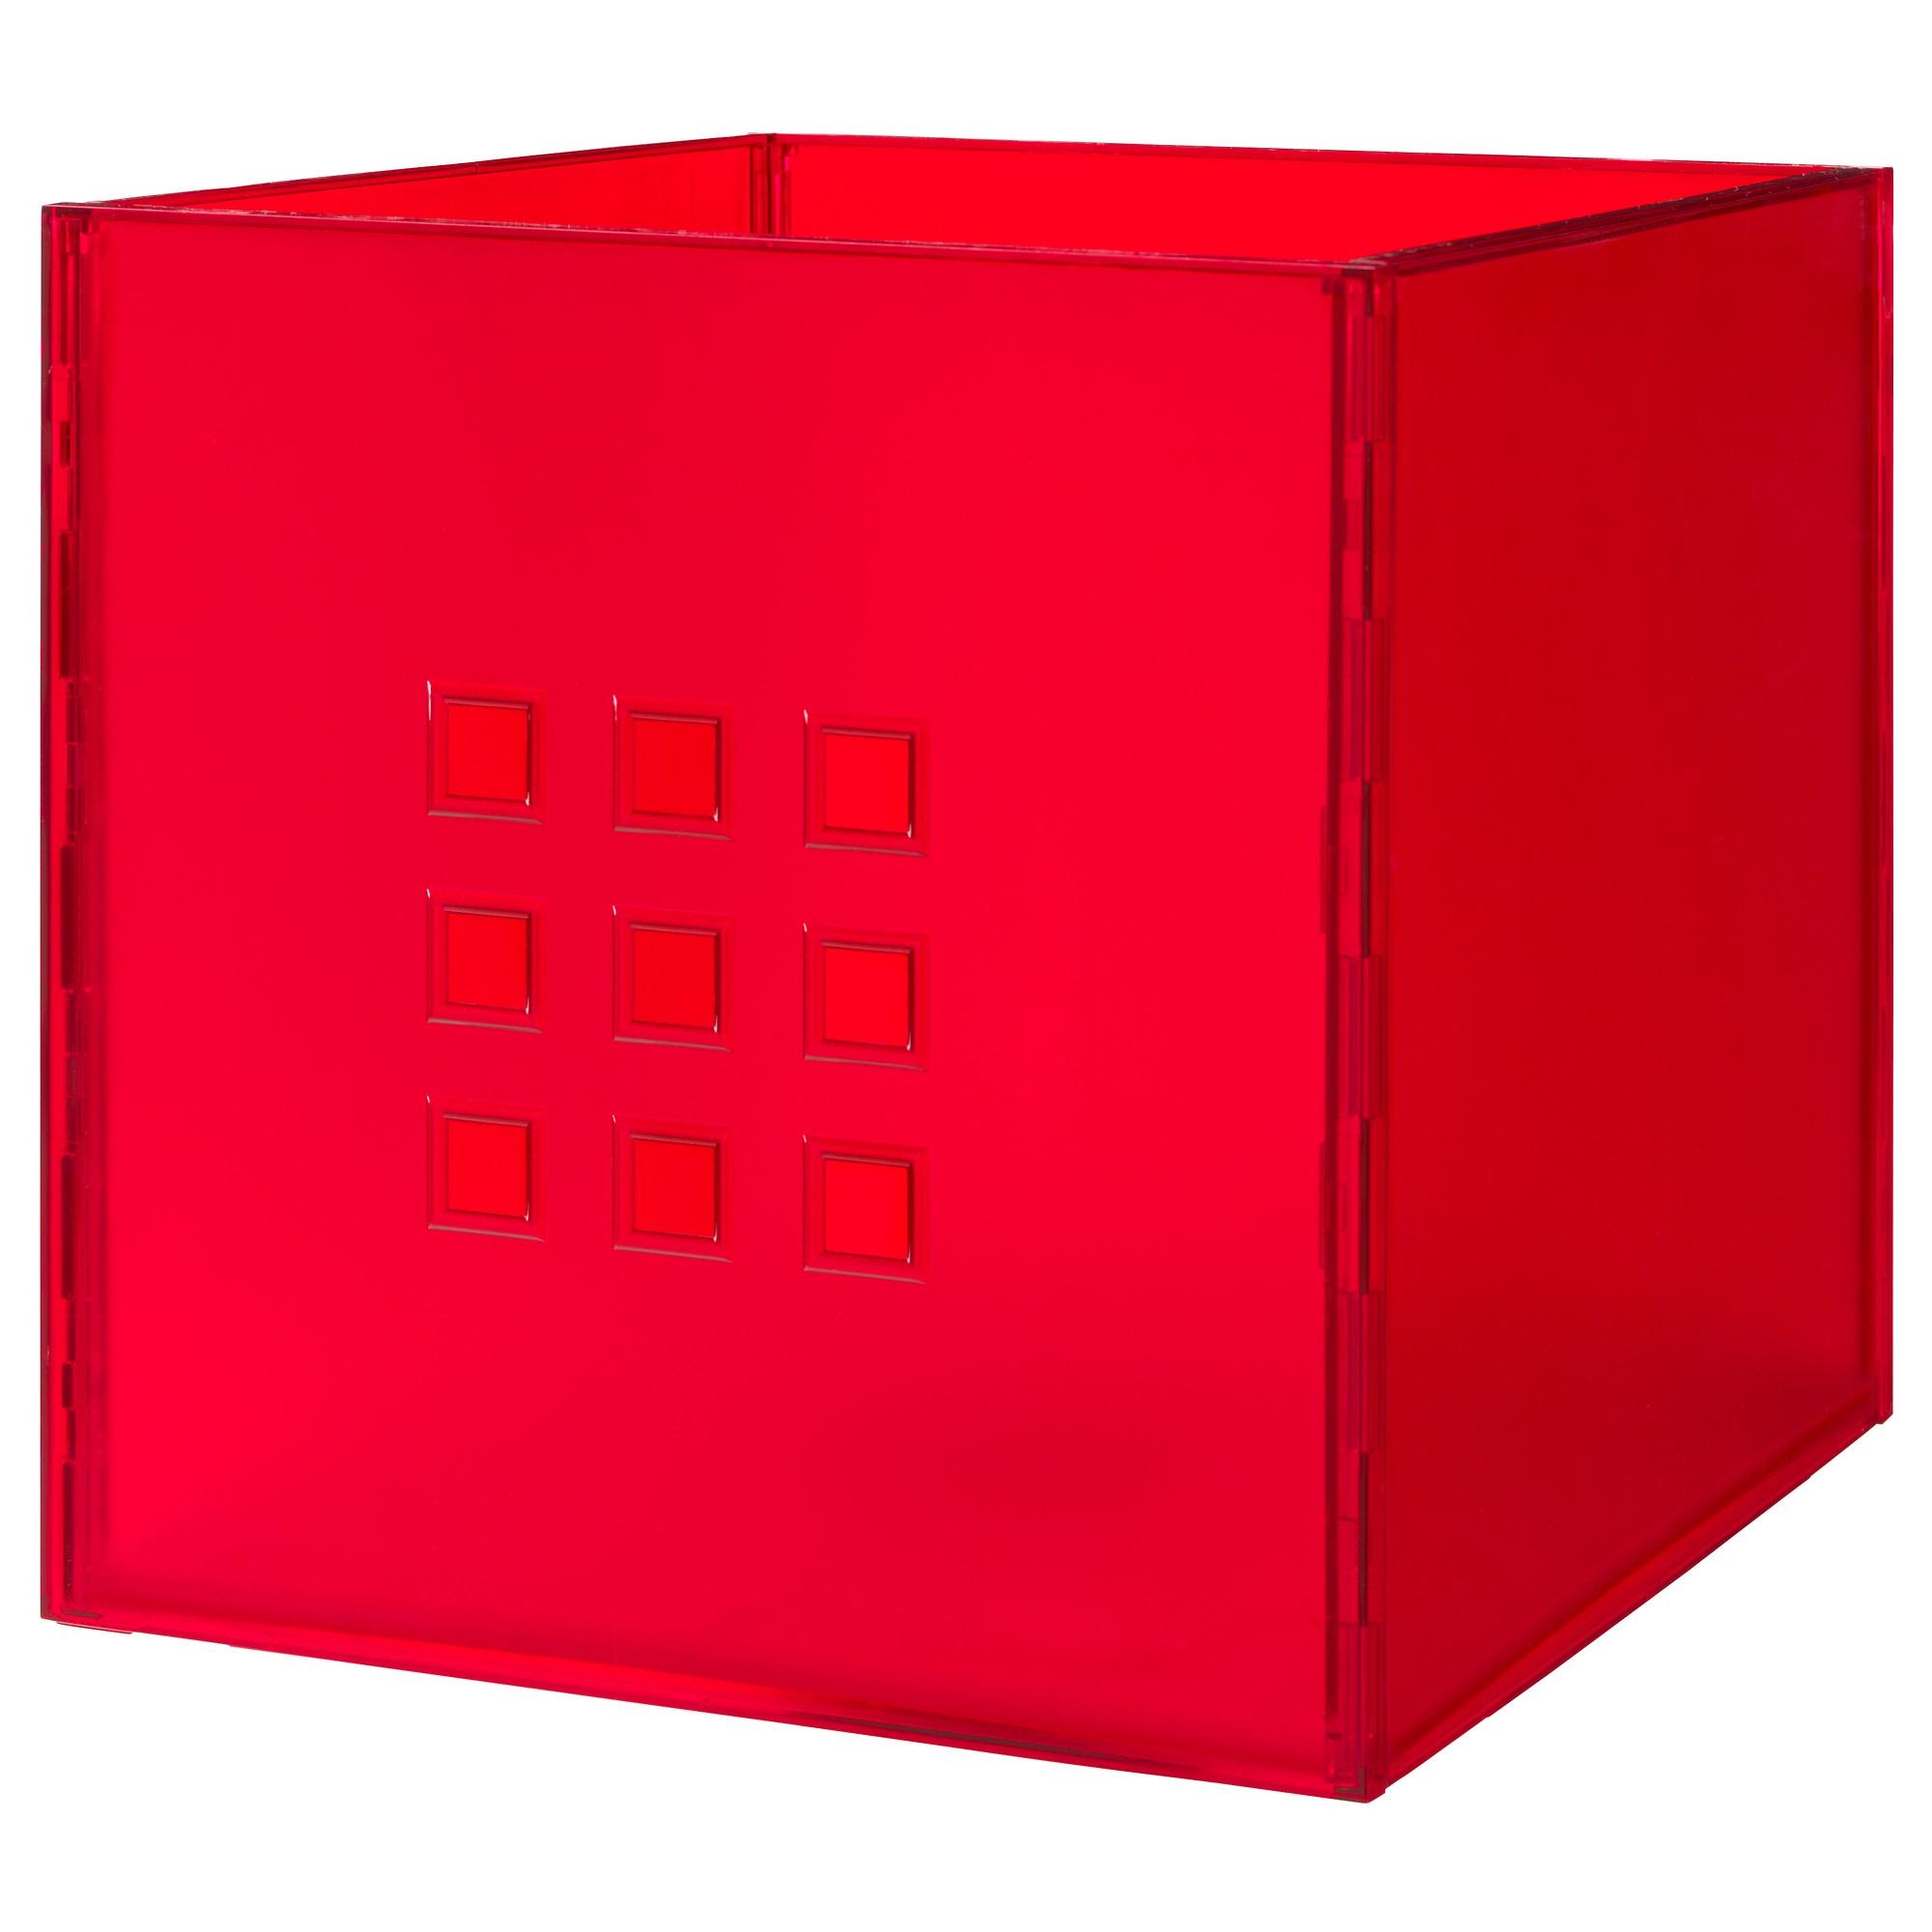 Lekman caja roja - Cajas de almacenaje ikea ...